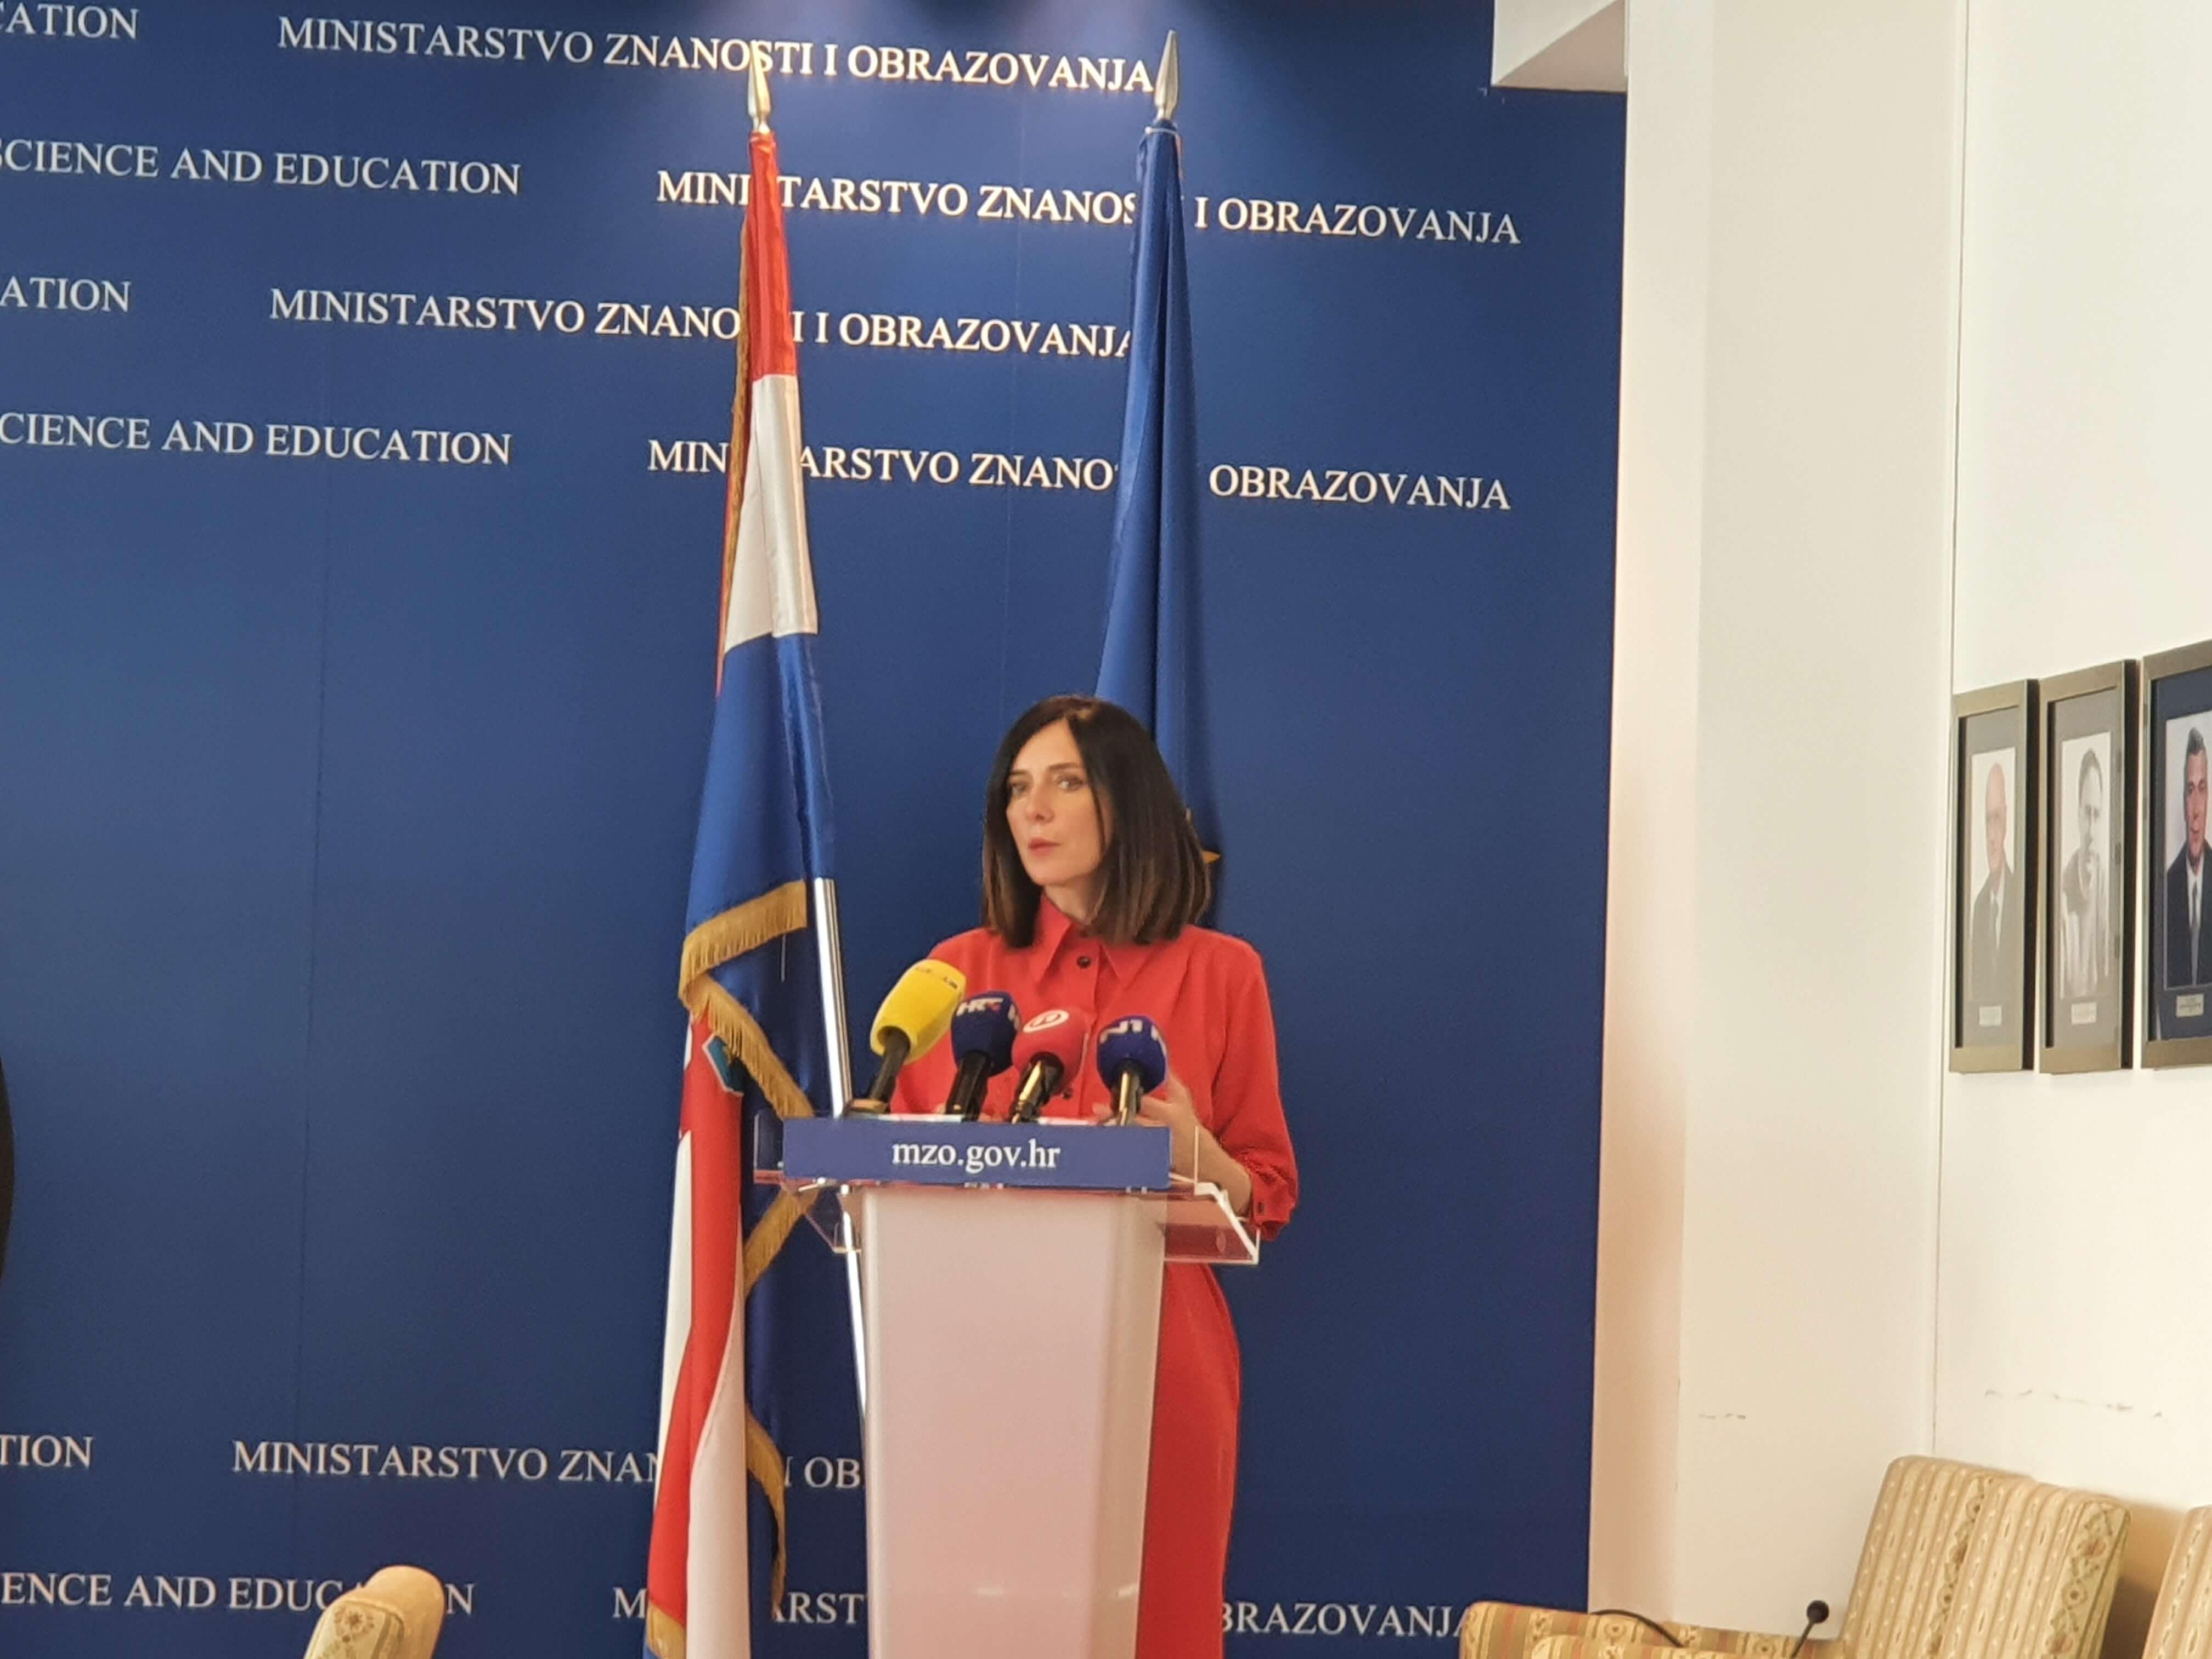 Zbog neoprezne izjave ministrice Divjak, strano ministarstvo umiruje građane